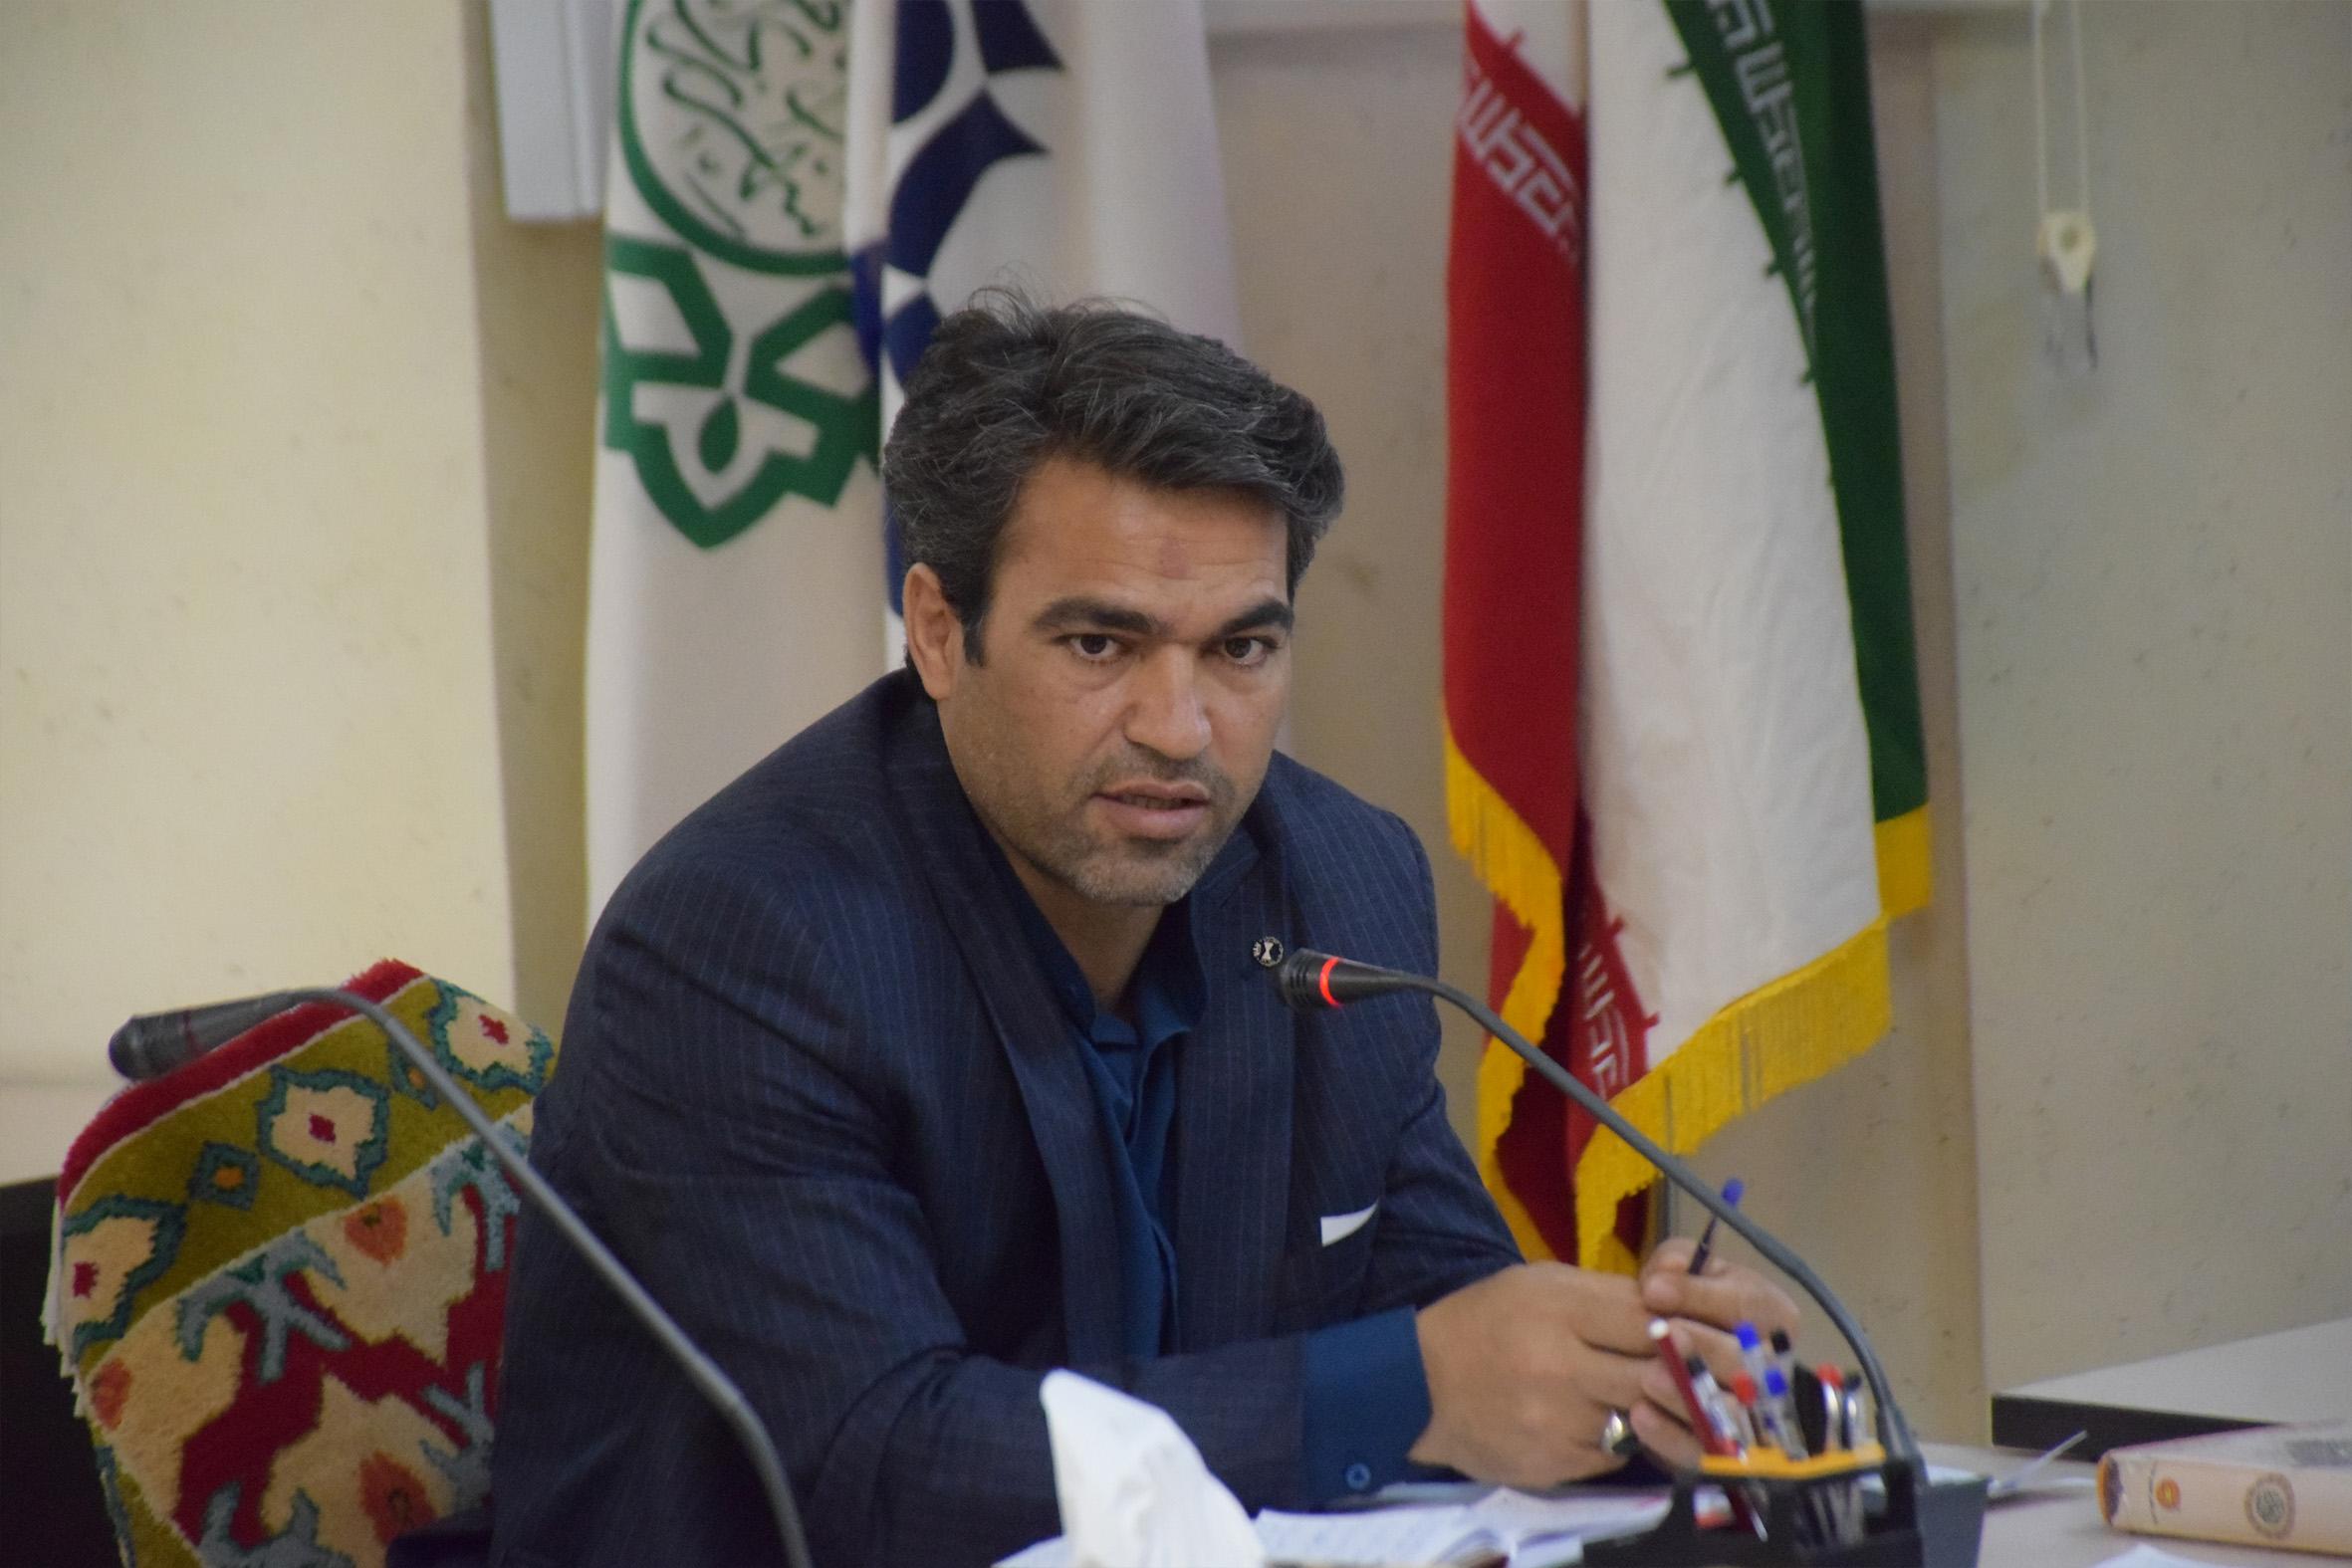 اهتمام شهرداری و شورای اسلامی شهر مراغه برای احیای دروازه های تاریخی شهر